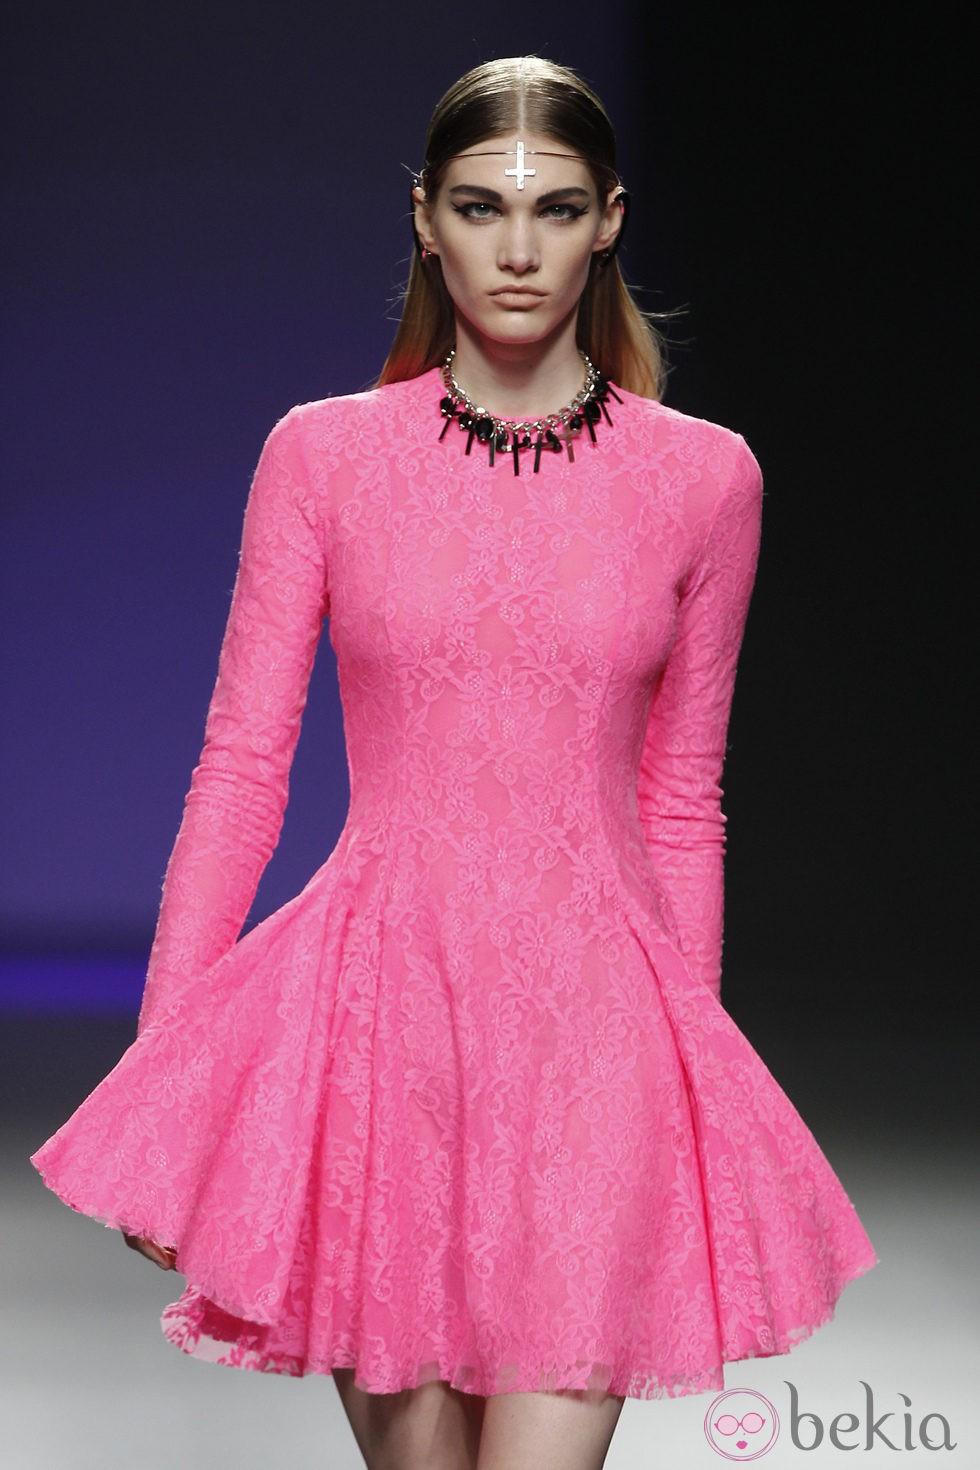 Vestido fucsia de la colección otoño/invierno 2012/2013 de María Escoté